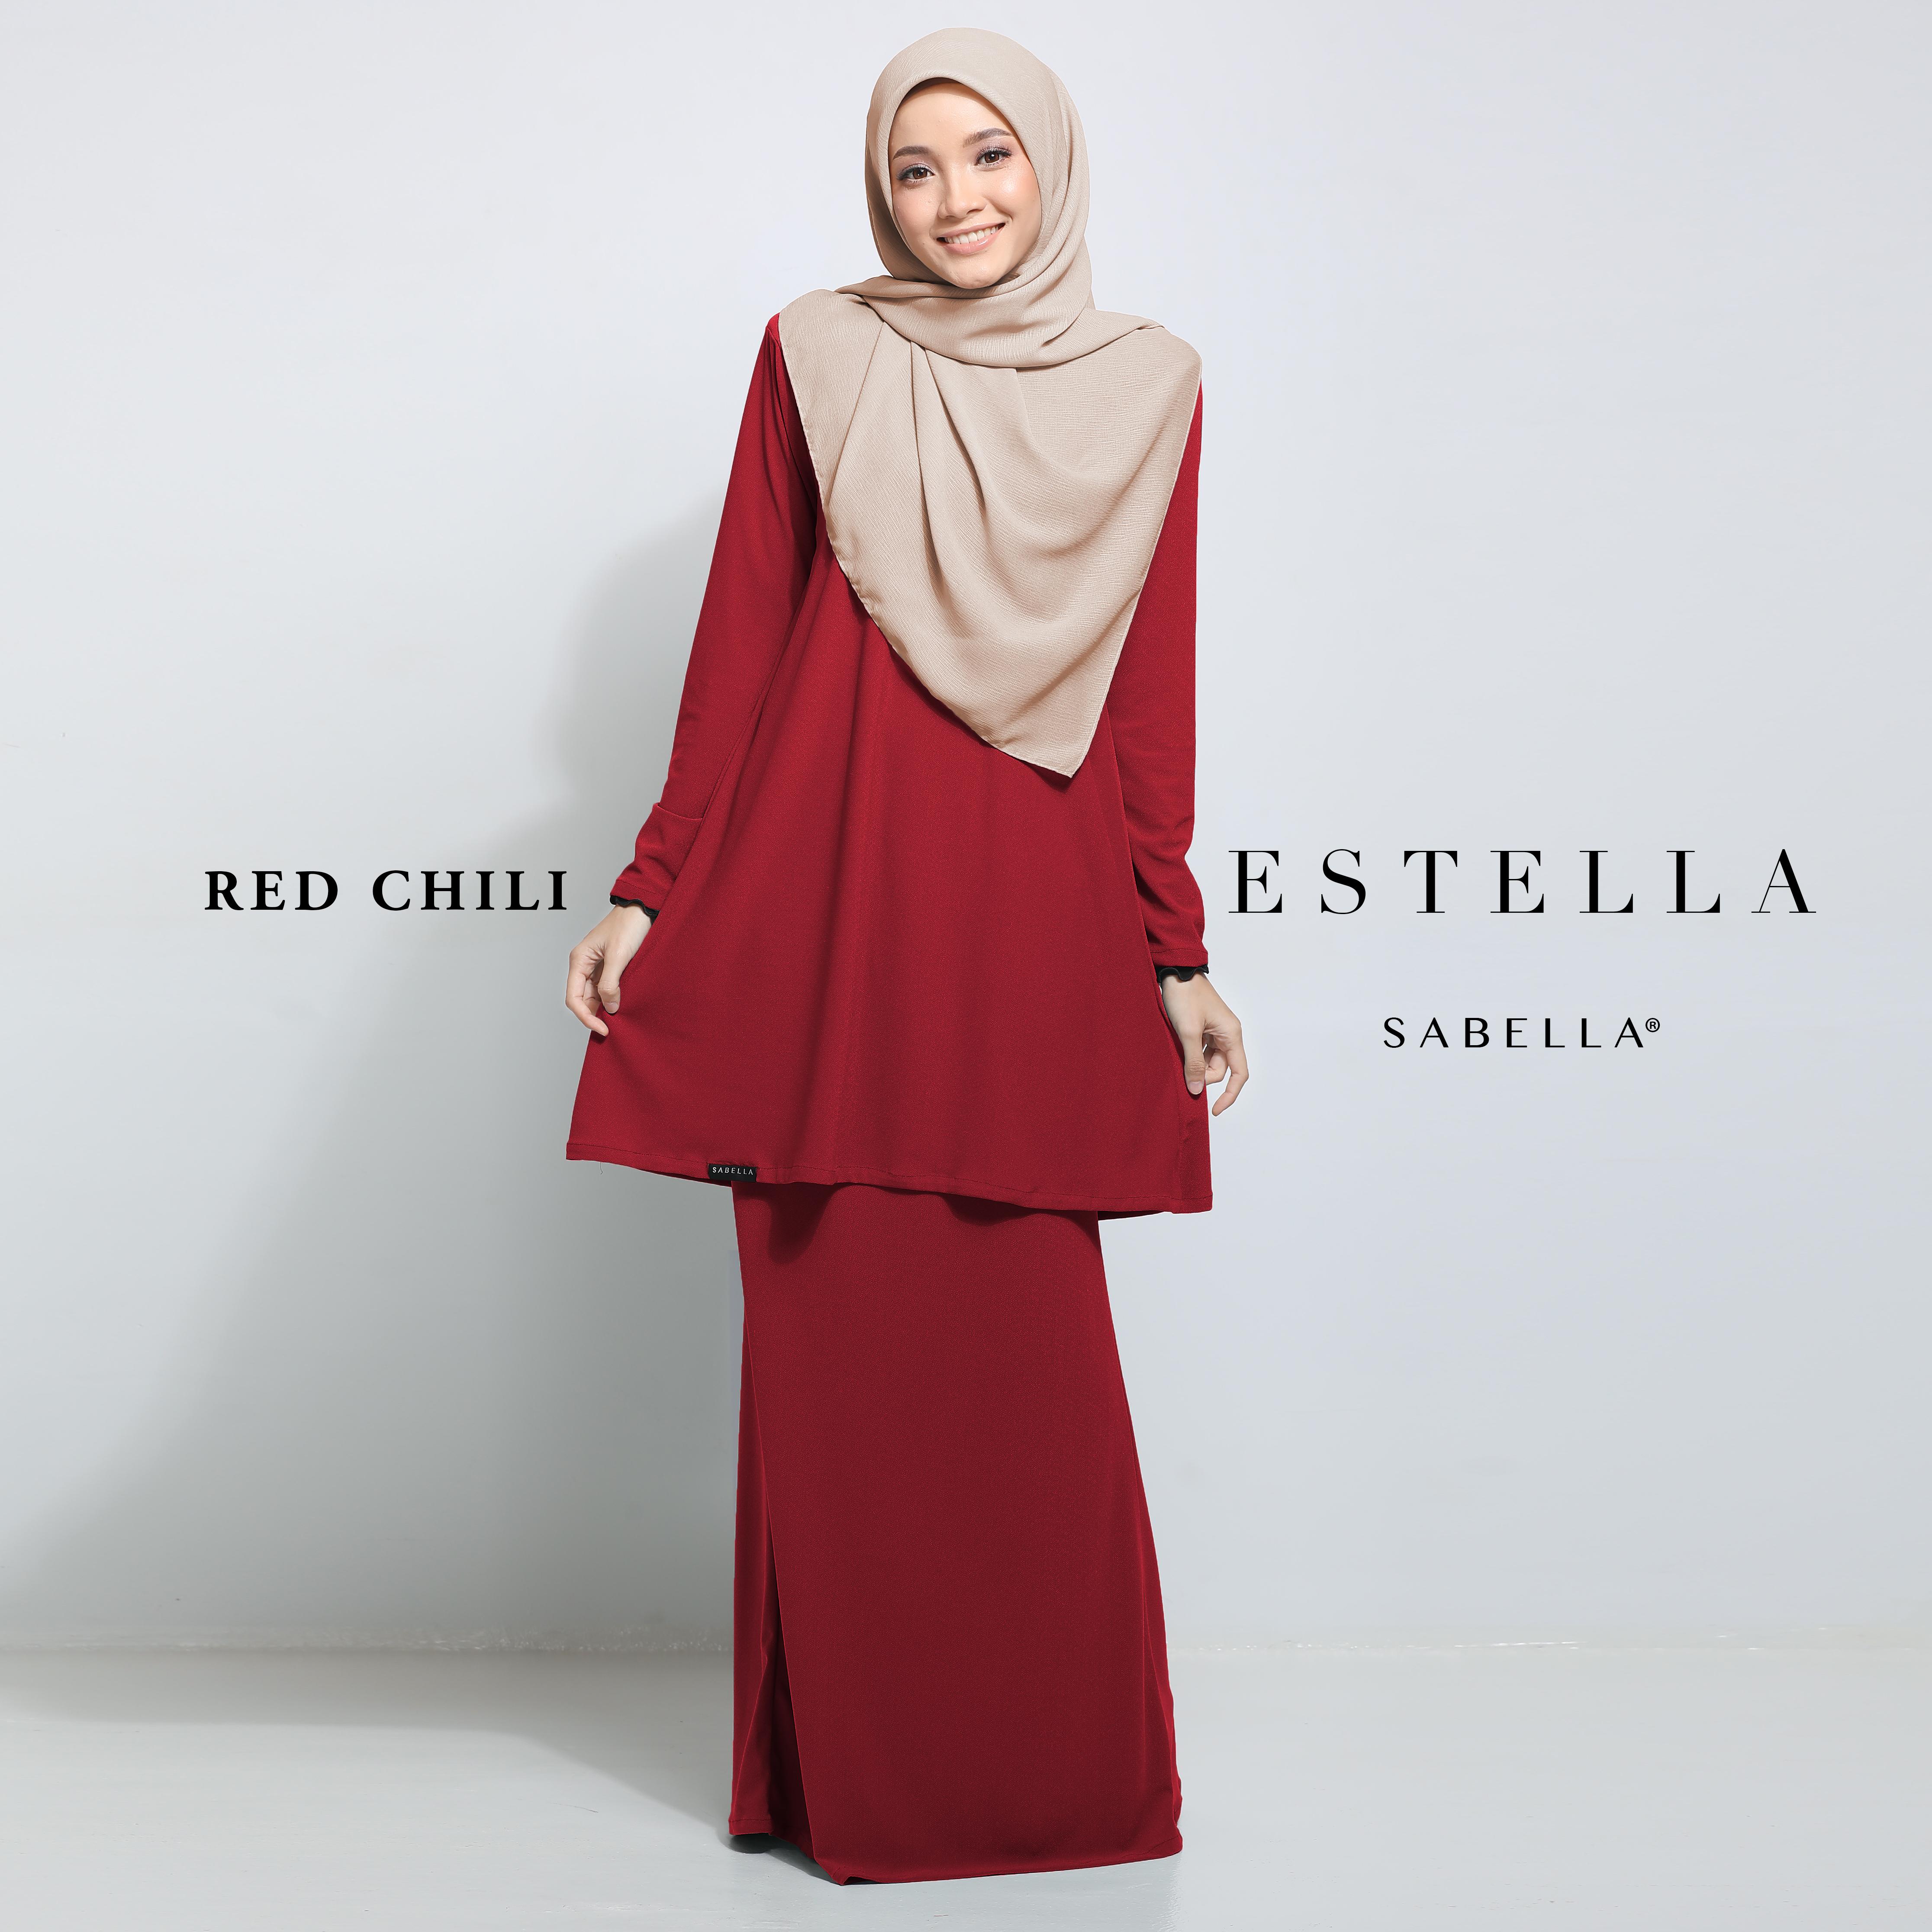 Estella 2.0 Red Chili (R)